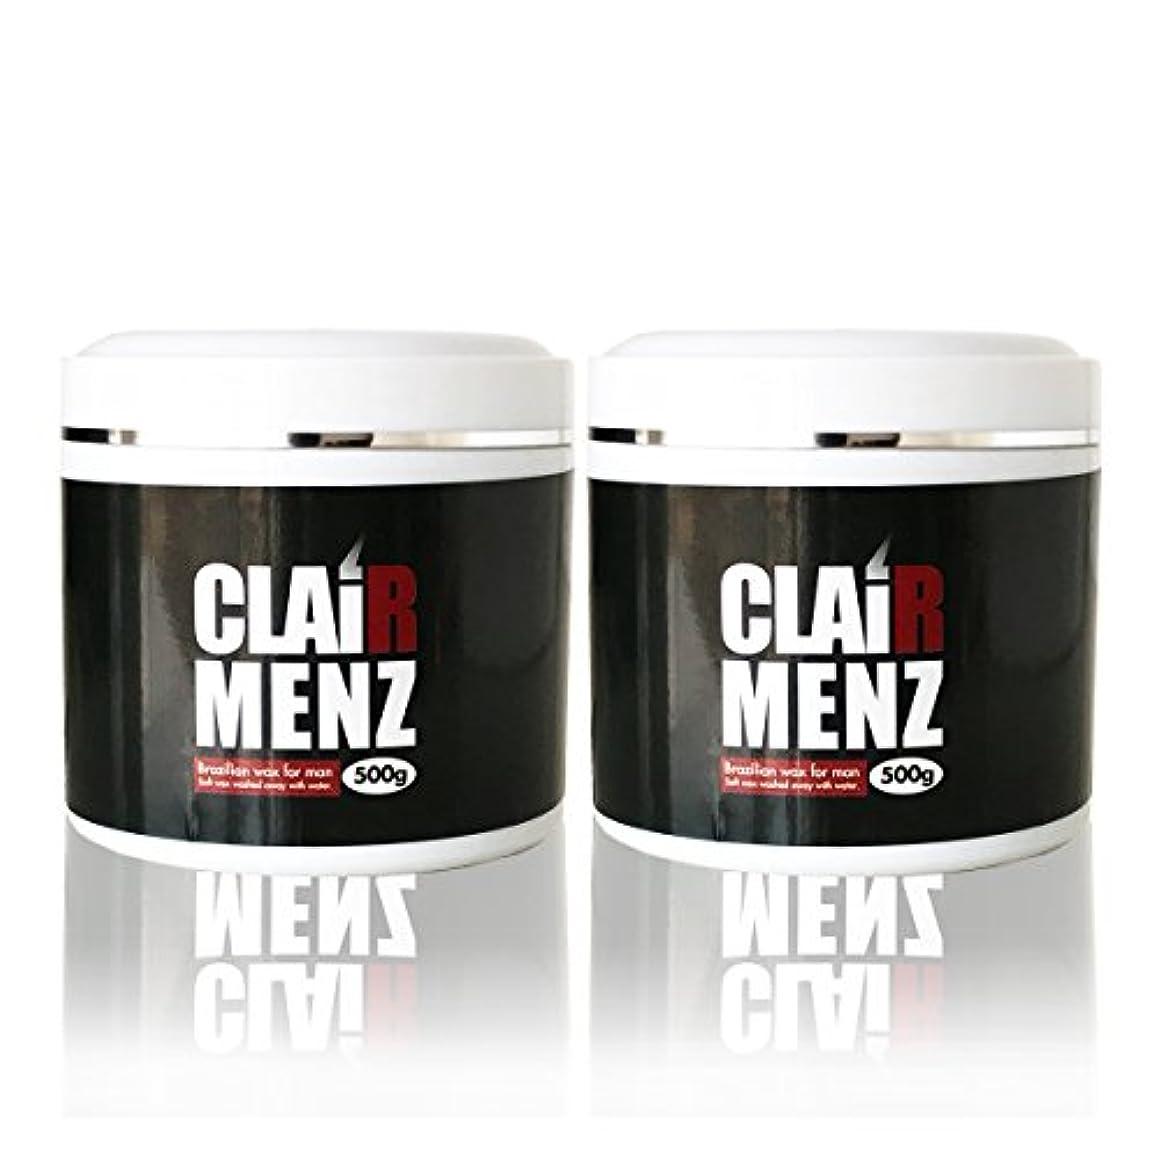 ゲージ音楽家メインブラジリアンワックス メンズ専用 clair Menz wax 500g (単品2個セット) メンズ脱毛専用ラベル 無添加ワックス 脱毛